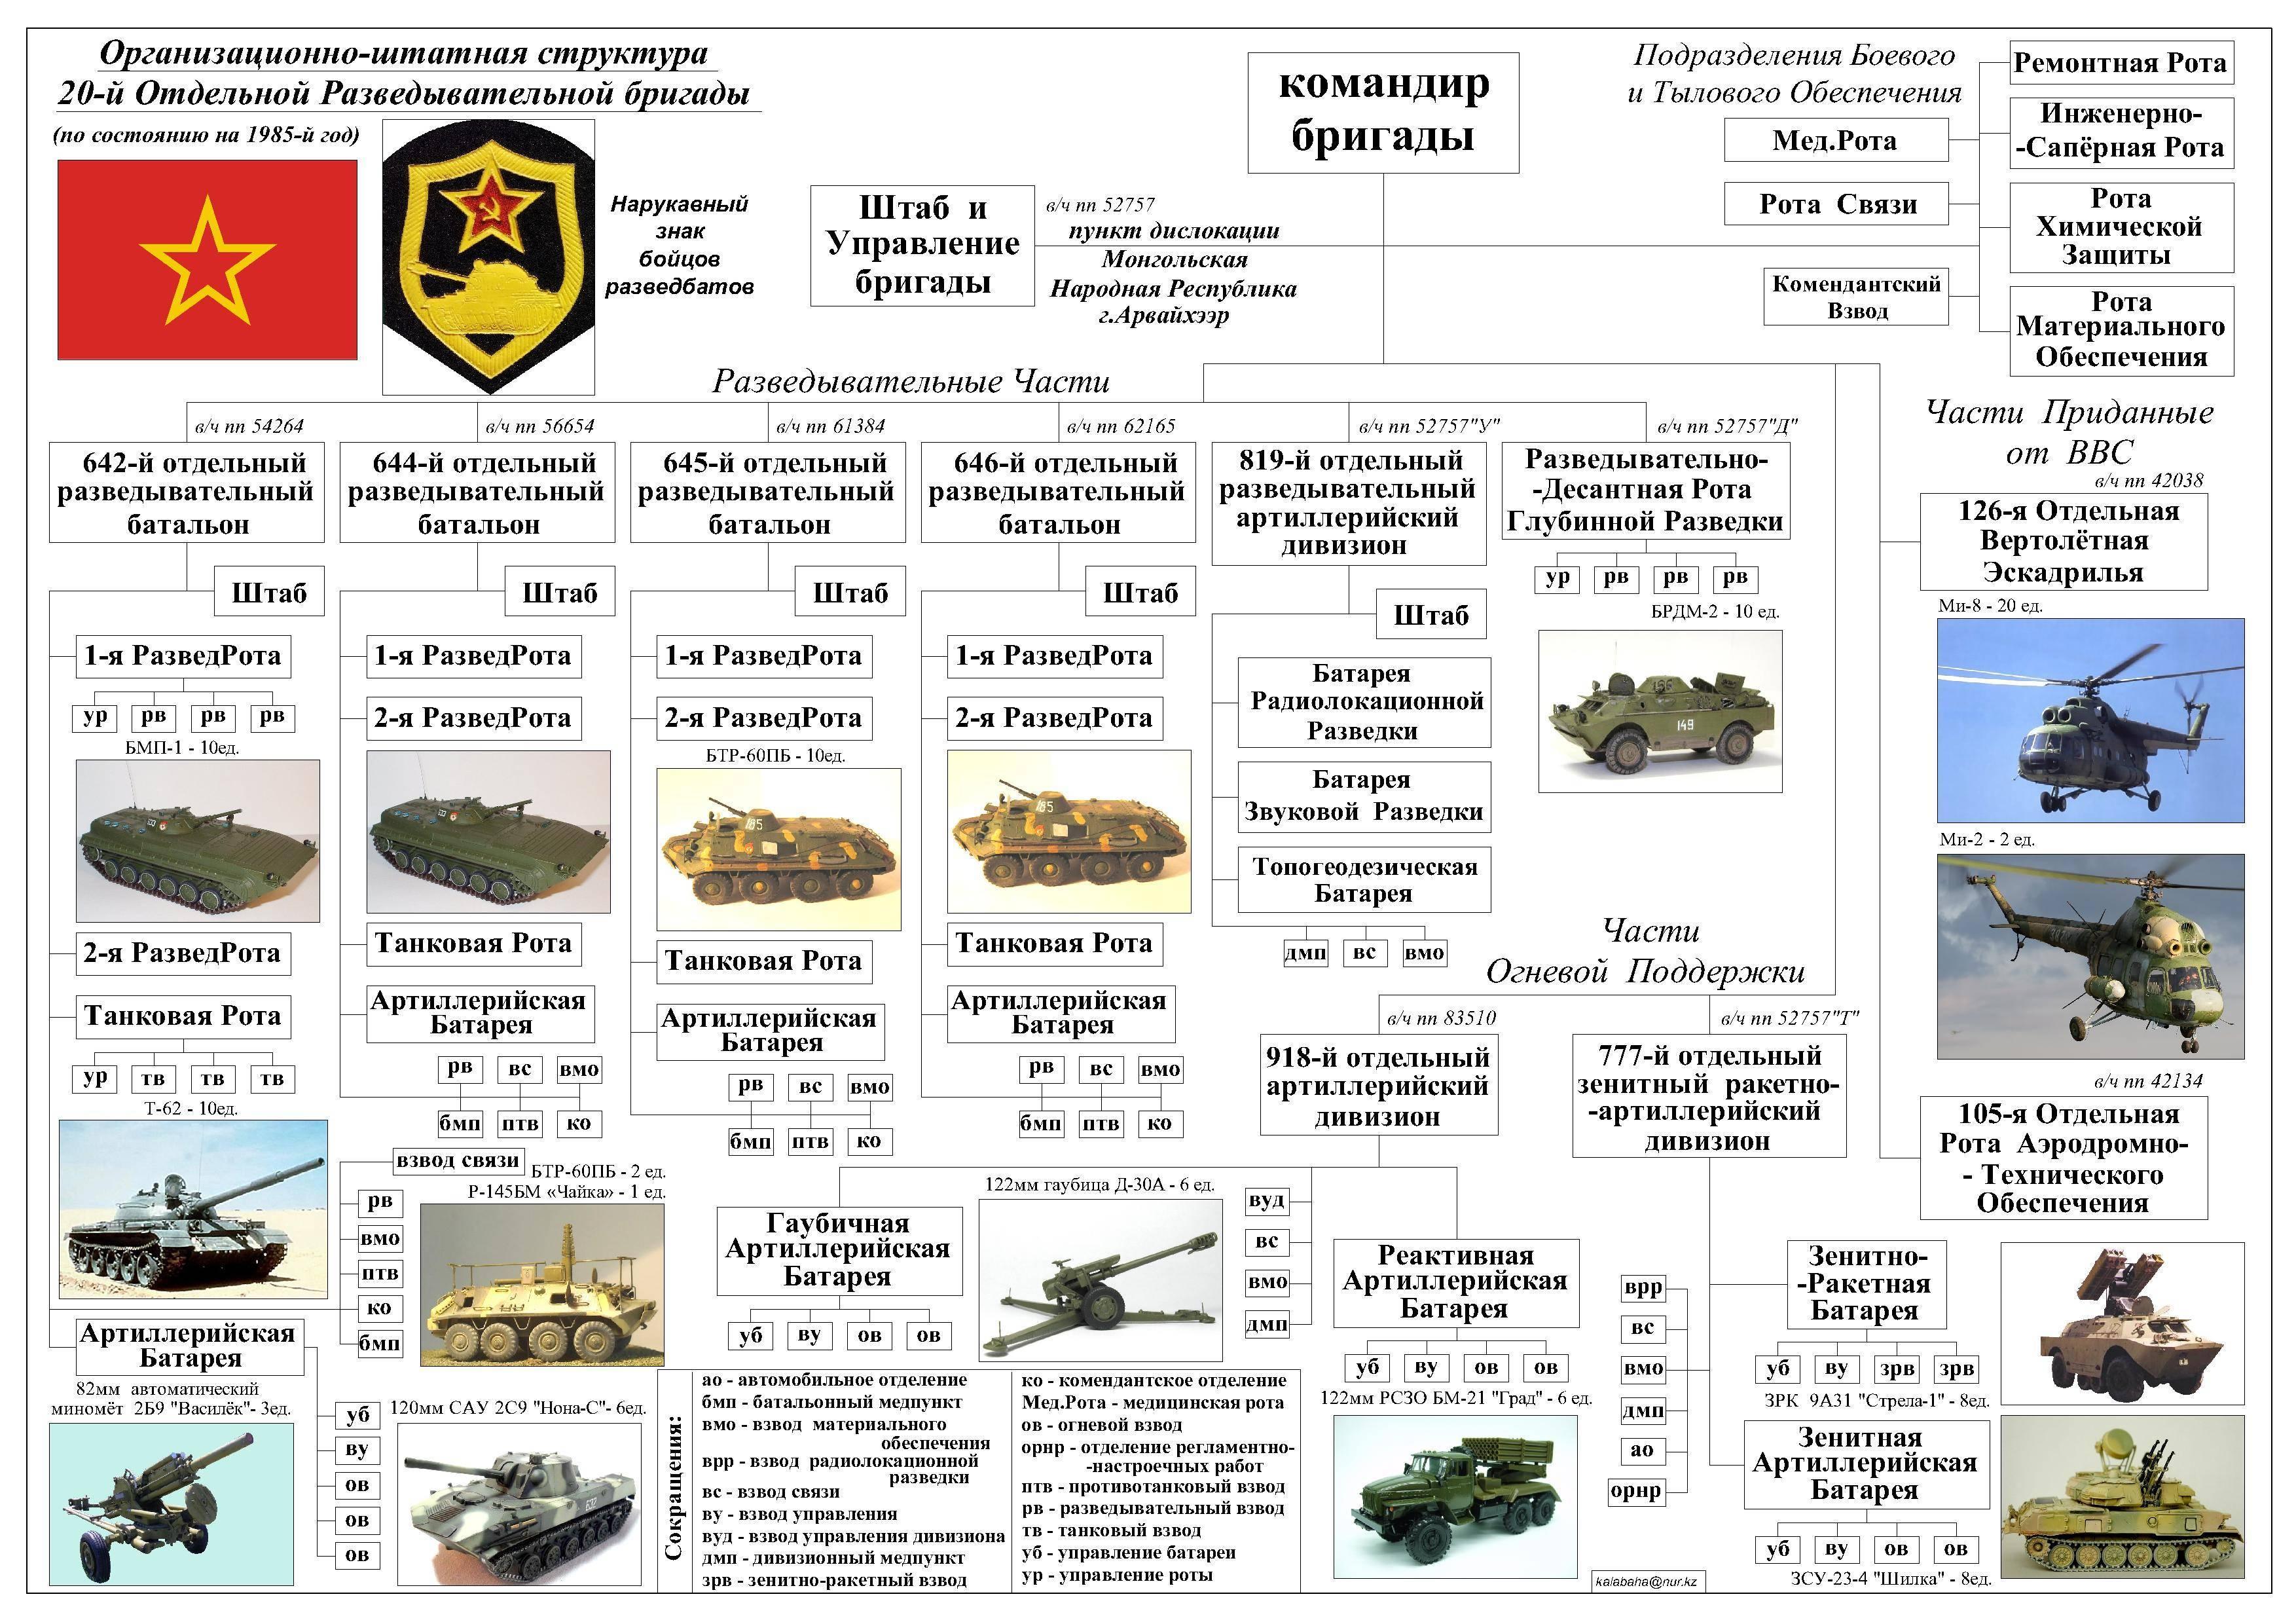 Что такое войска МТО и какие задачи они решают